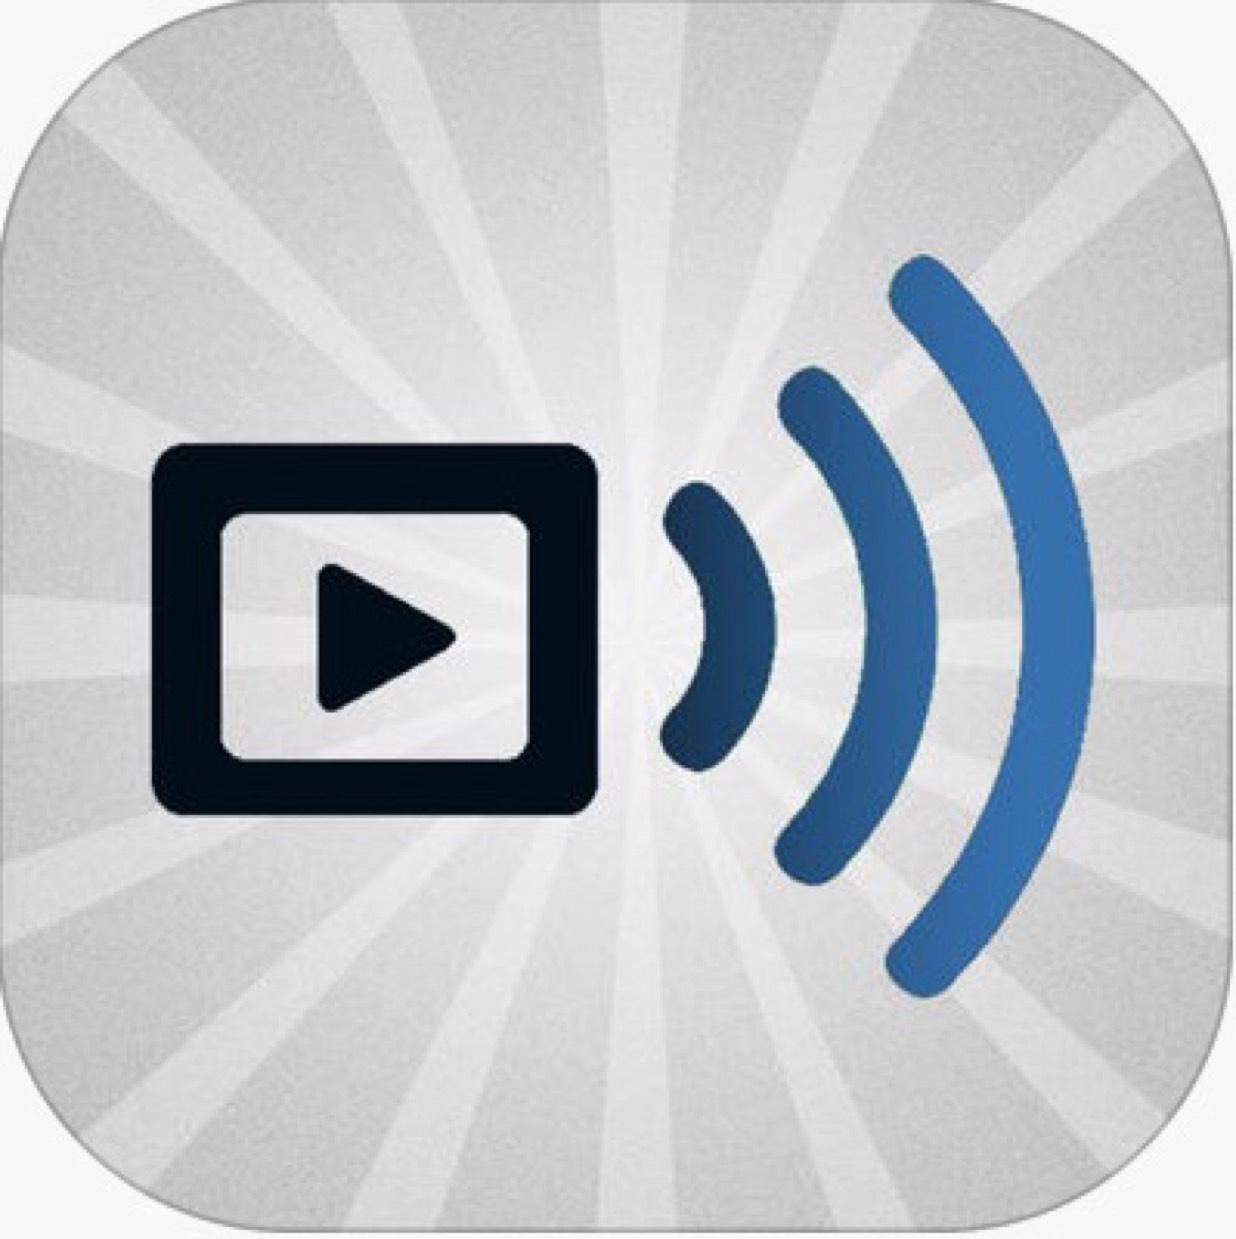 [iOS] iPlayTo - Abspielen Fotos, Videos und Musik auf TV kostenlos statt 4,49€